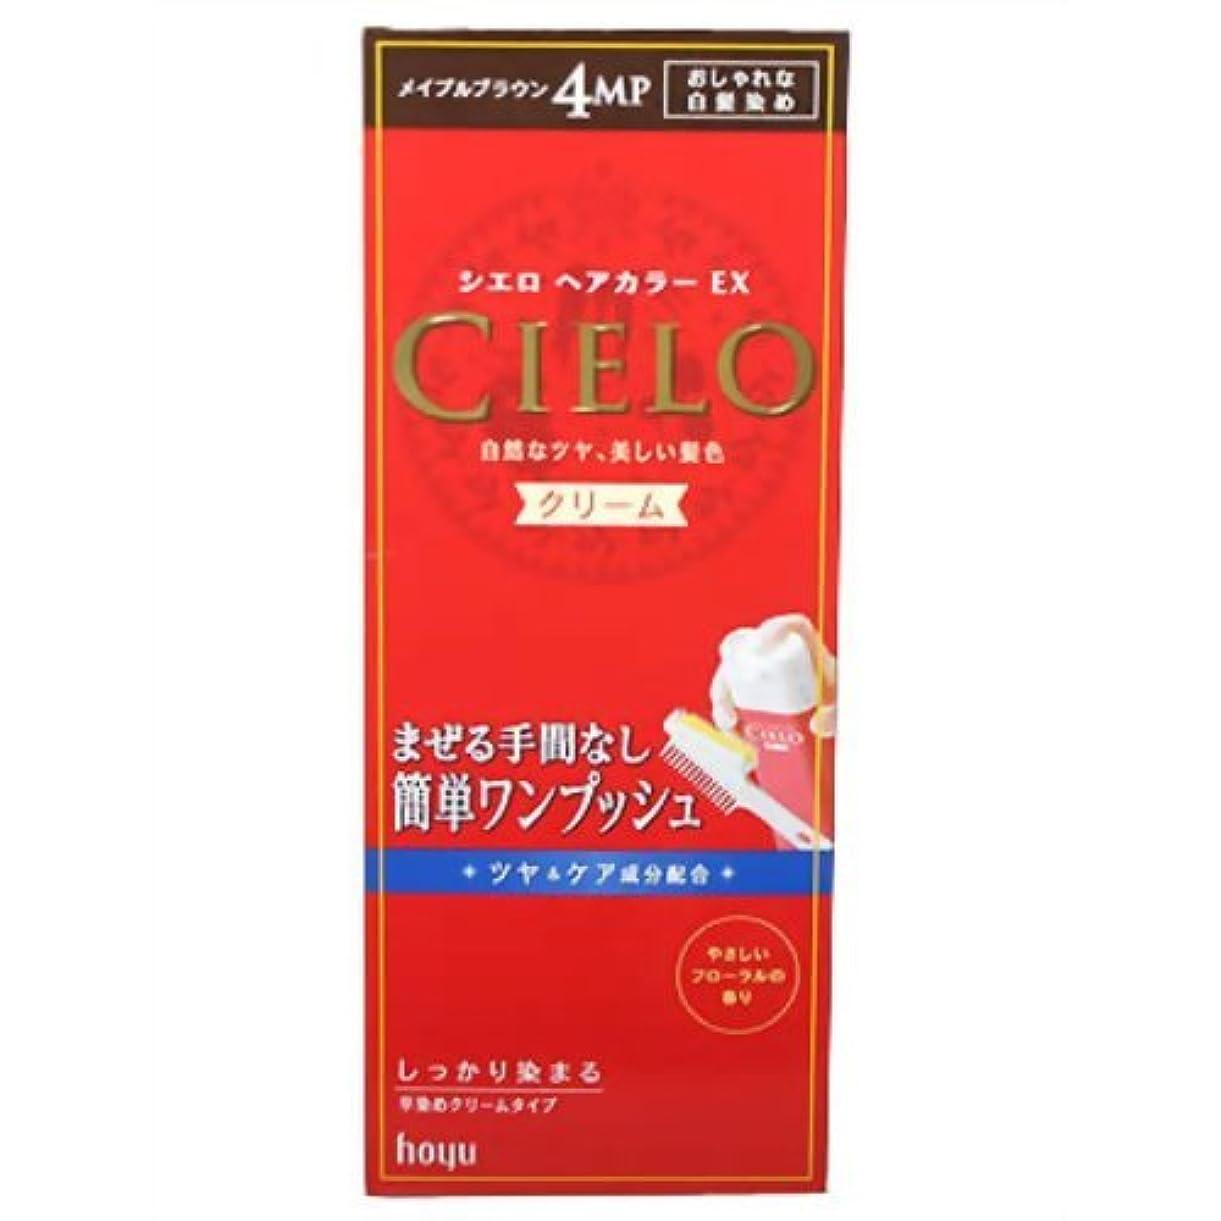 アラブサラボ乳不適シエロ ヘアカラ-EX クリ-ム 4MP メイプルブラウン